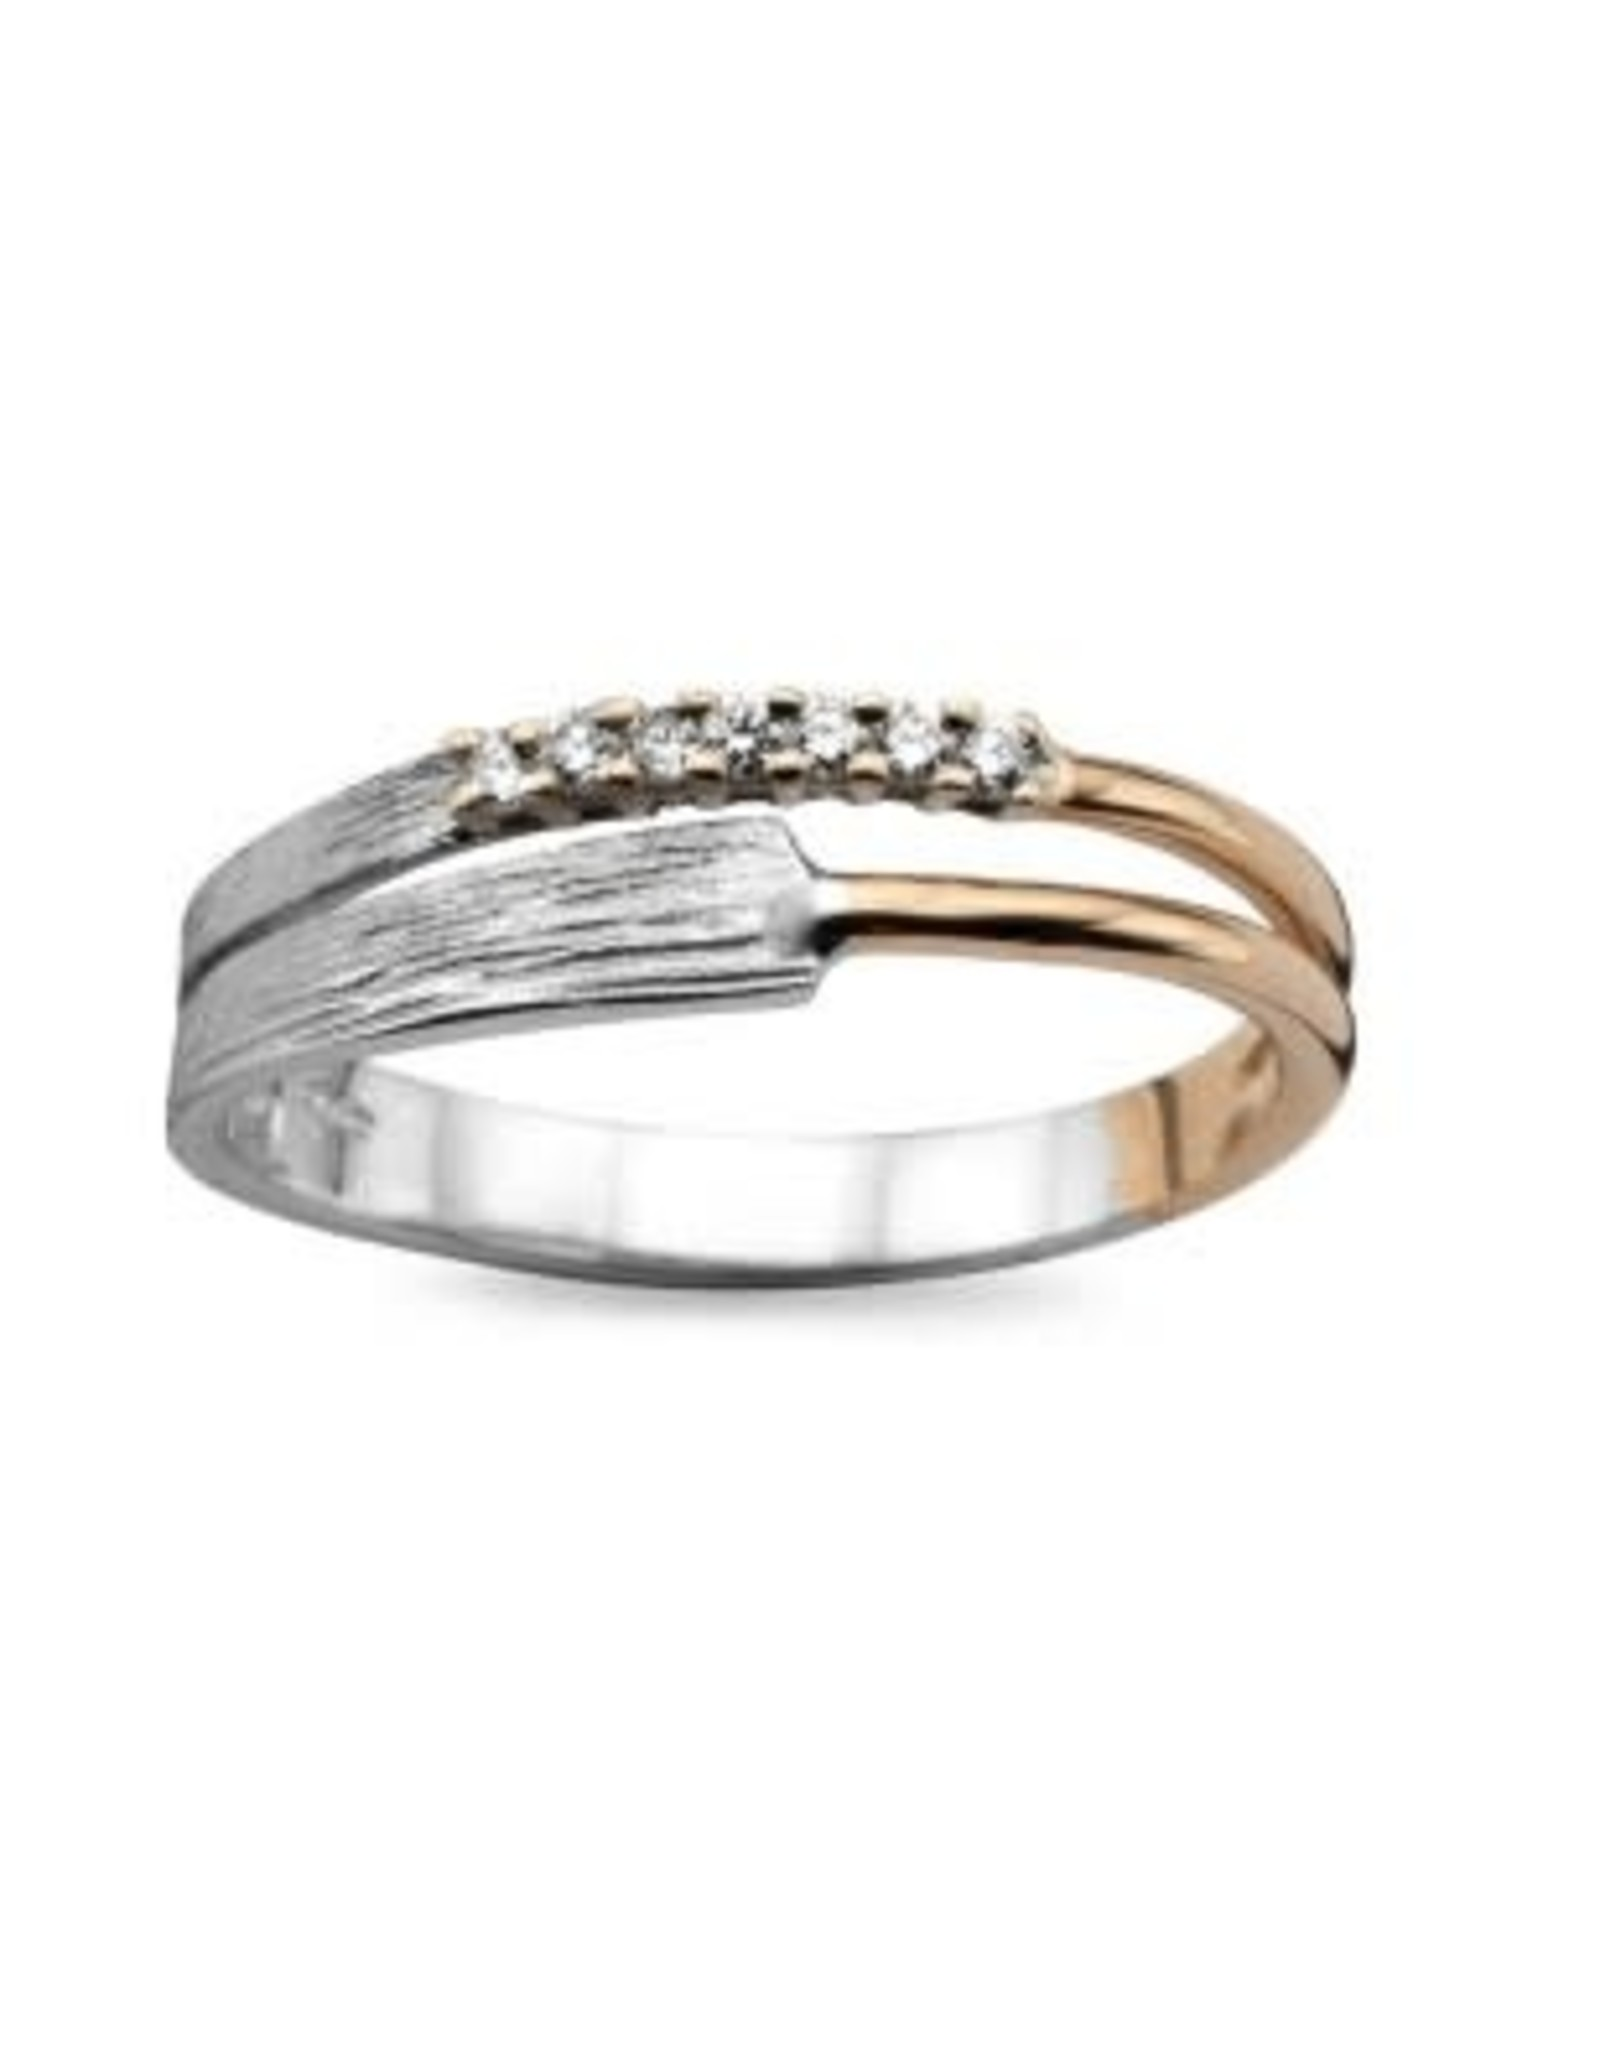 Ring Bicolor Geel/Wit Goud 18kt SR3231BB Briljant